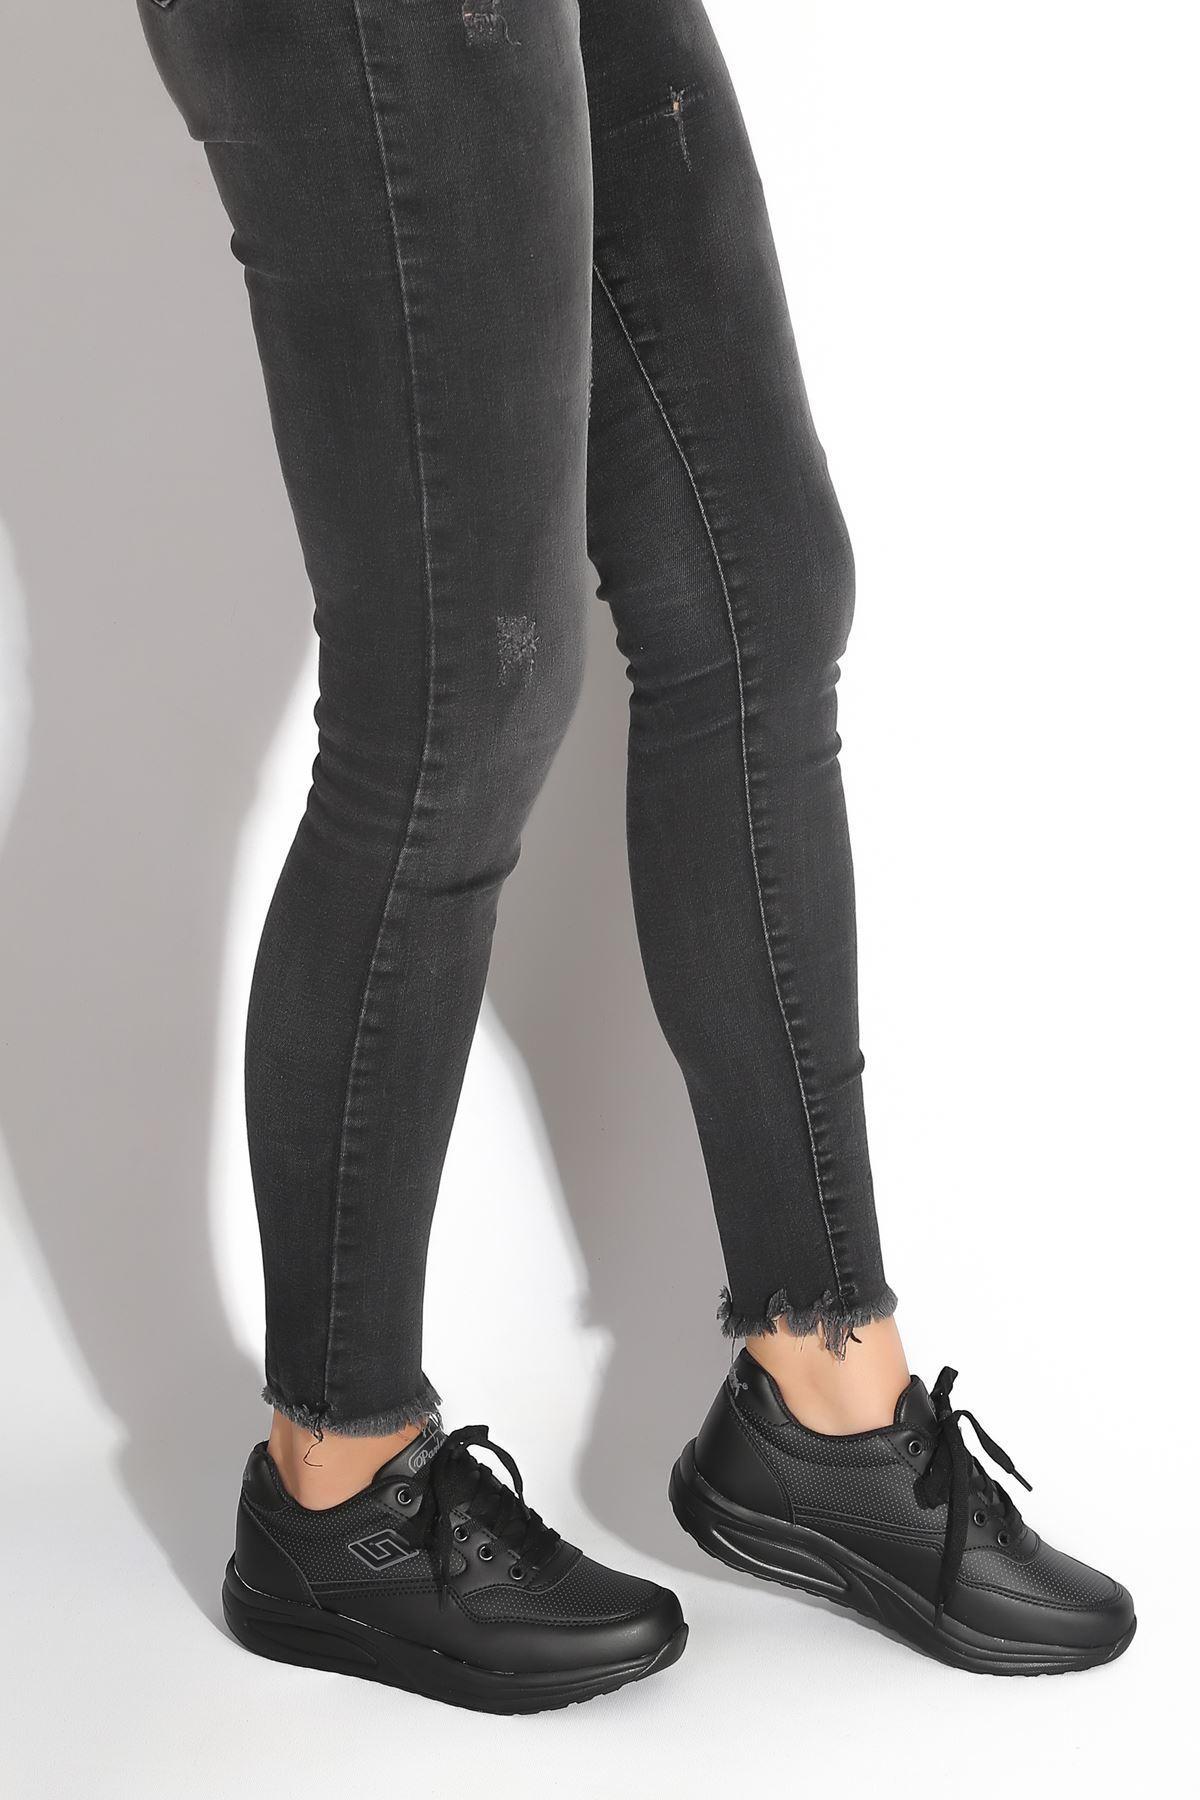 Lara Siyah Kadın Spor Ayakkabı